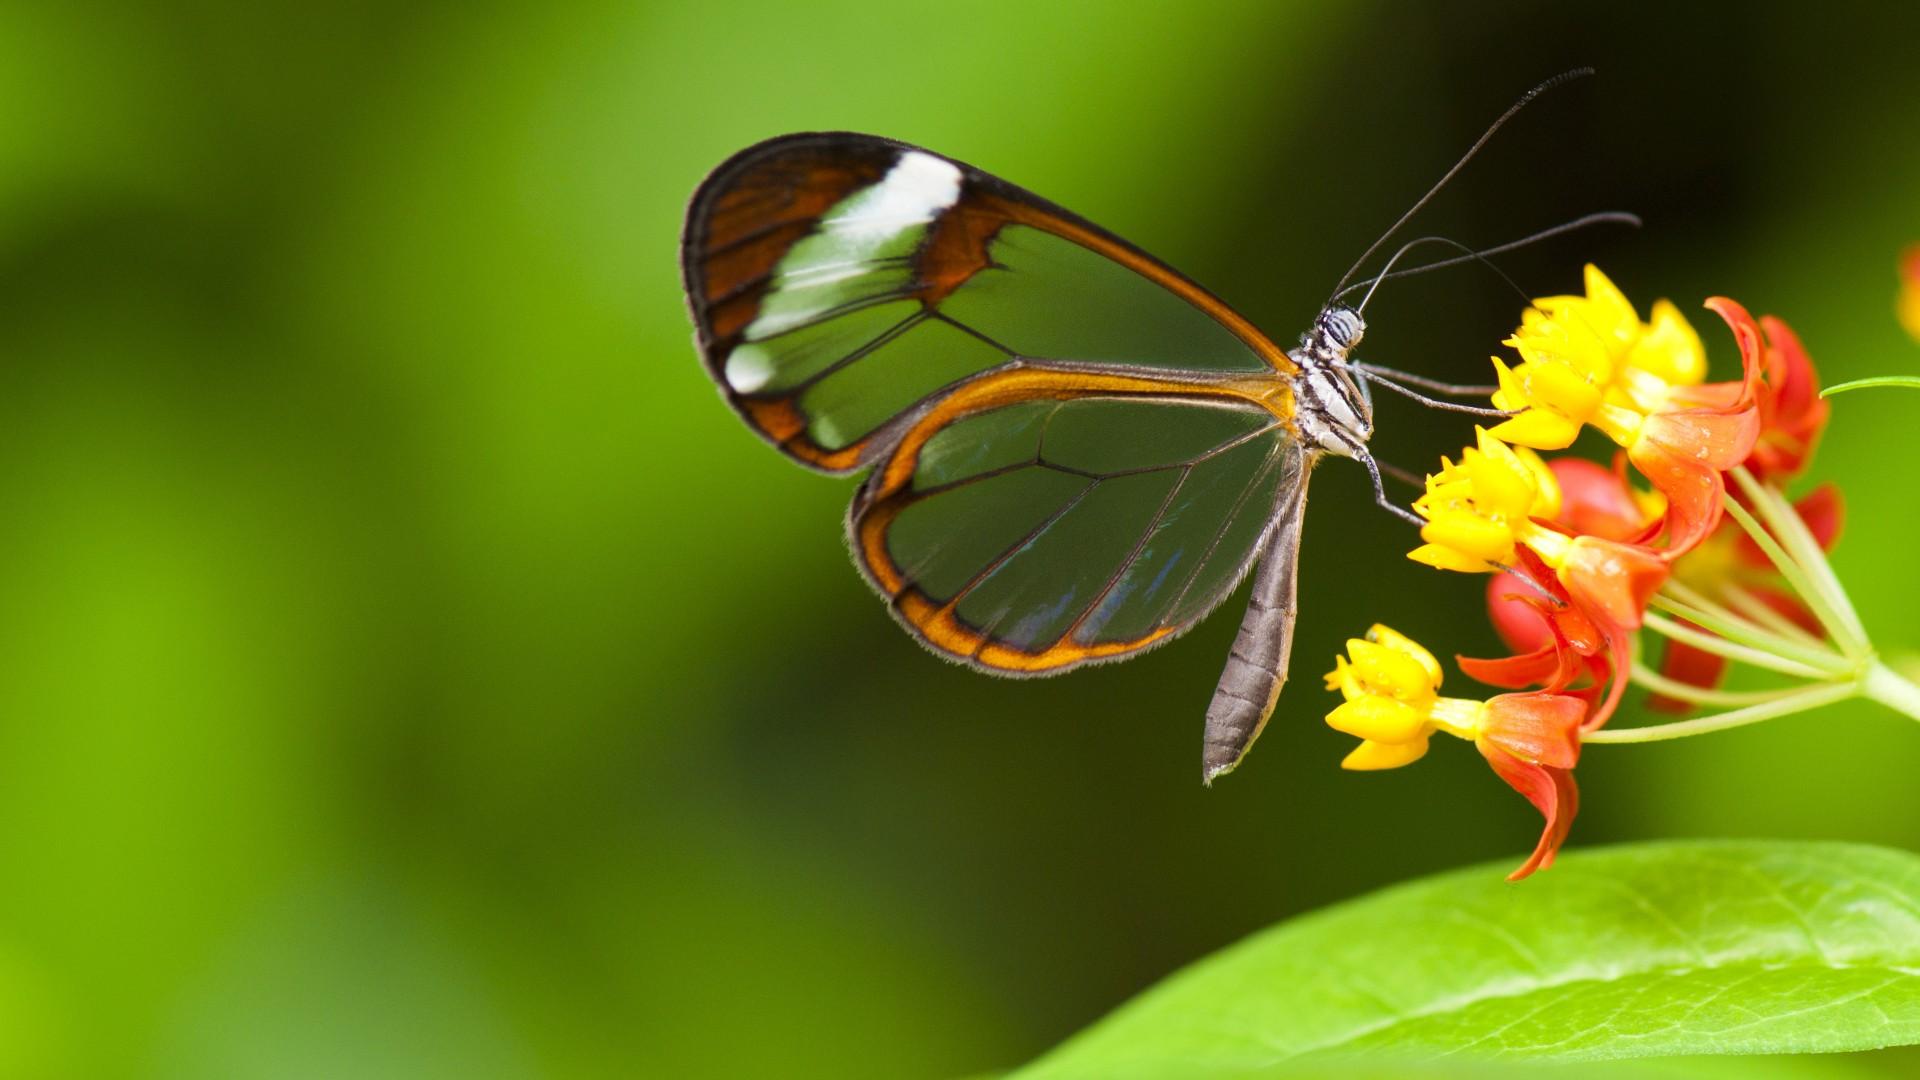 Wallpaper Butterfly, 5k, 4k wallpaper, insects, flowers ...